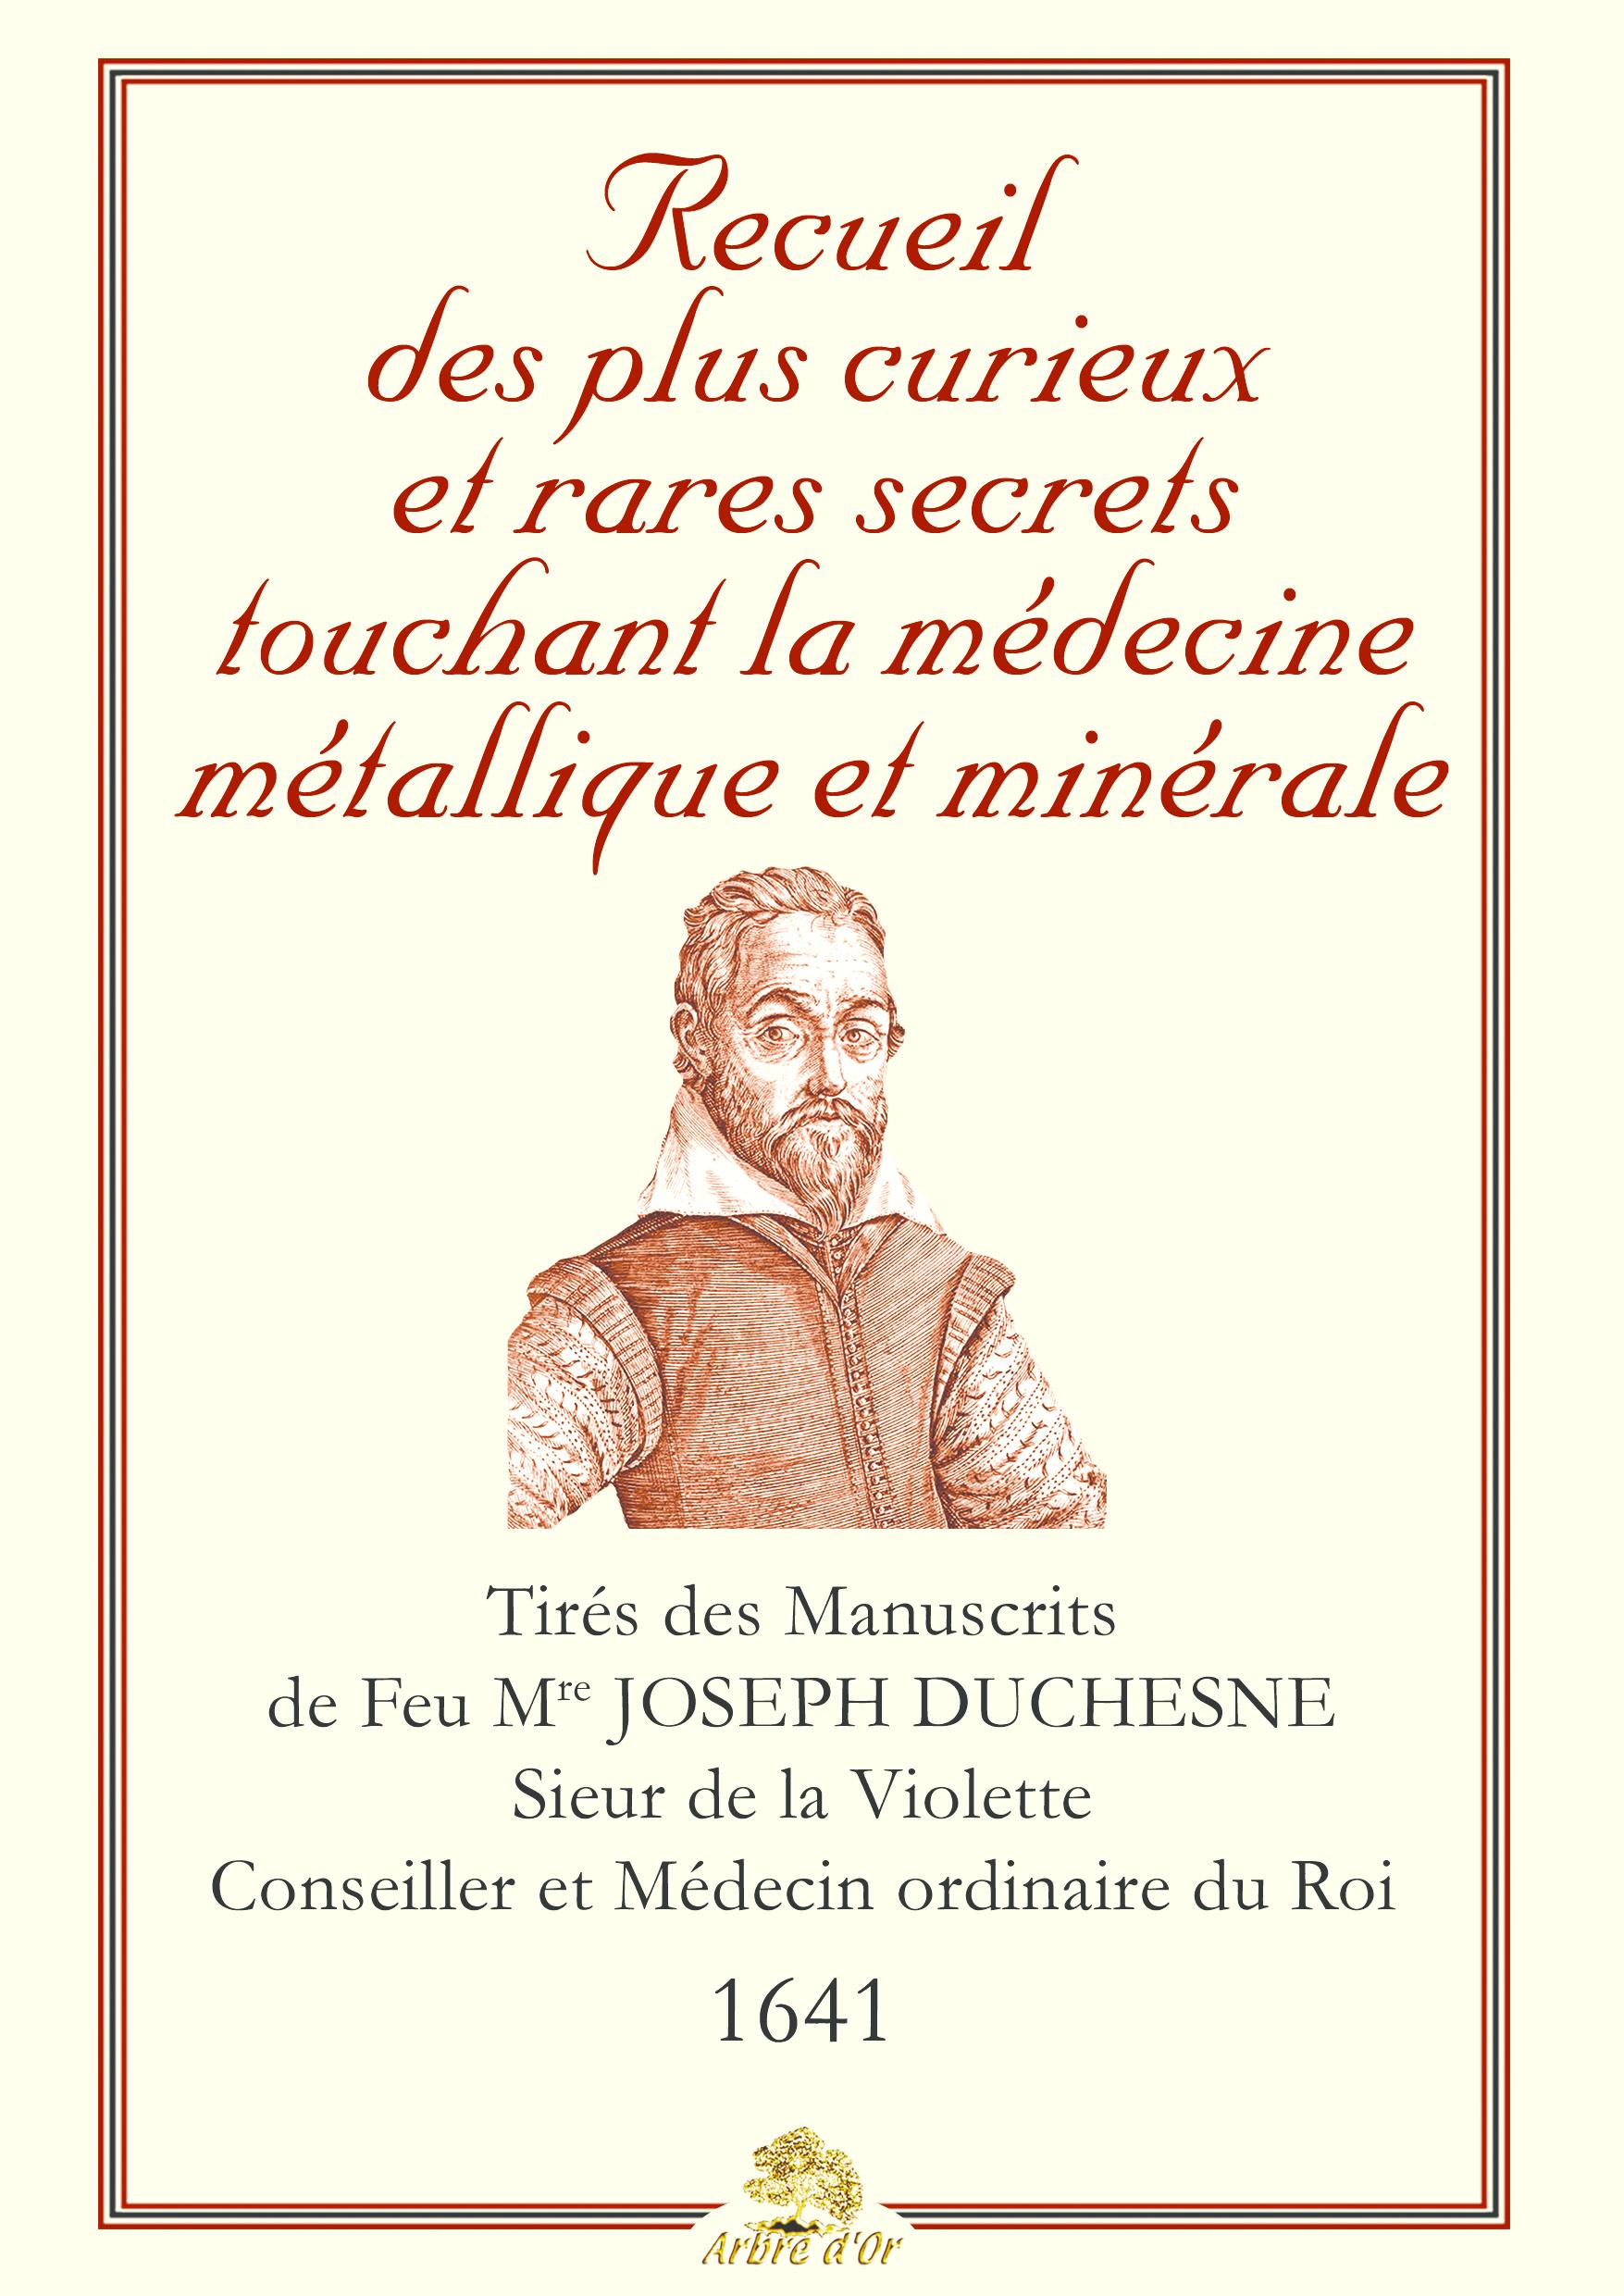 Recueil Médecine Métallique & Minérale